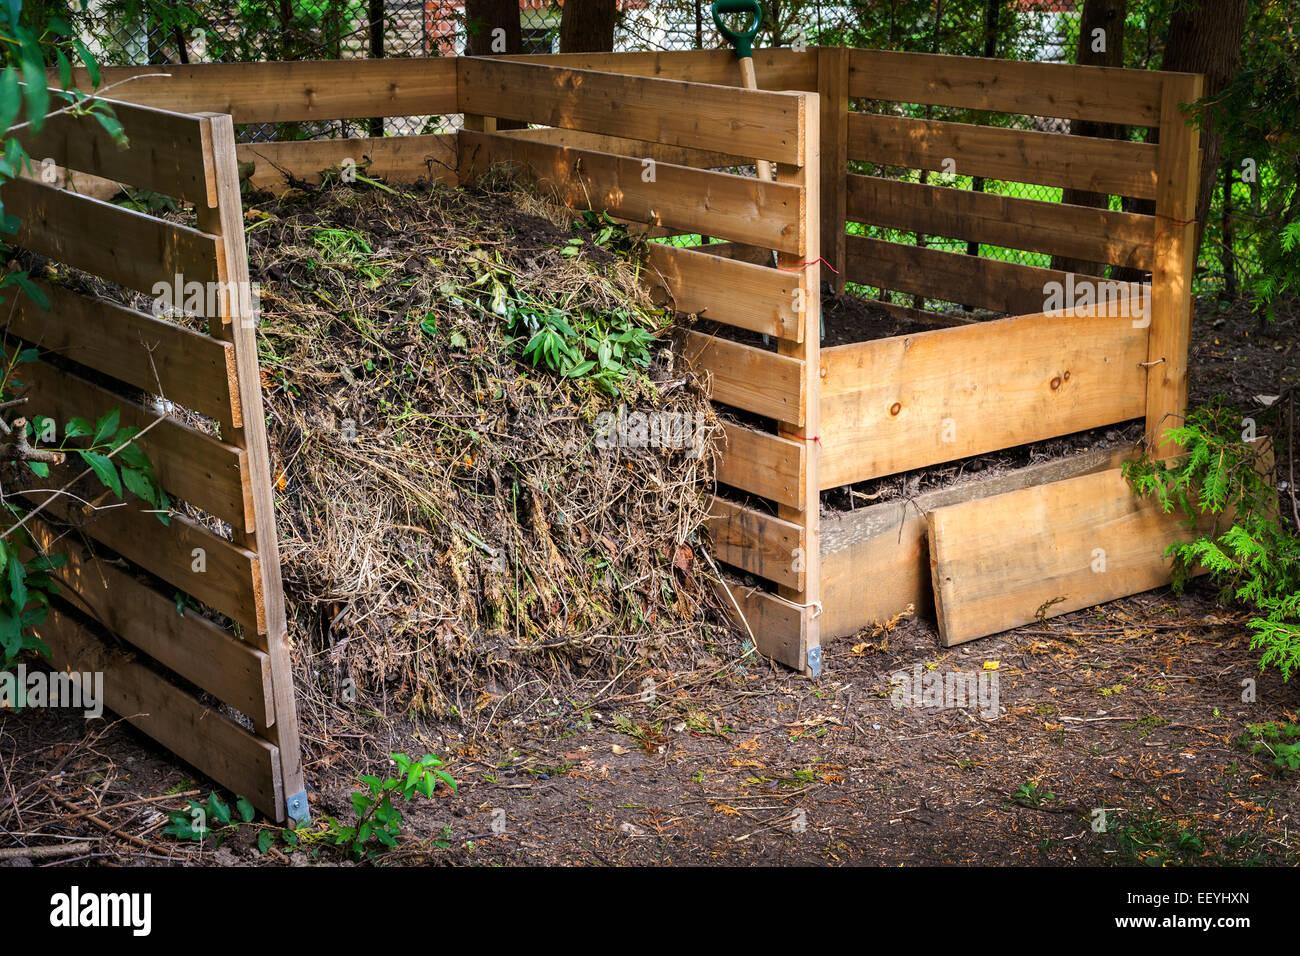 Abono de madera con cajas de suelo y residuos compostados patio ...